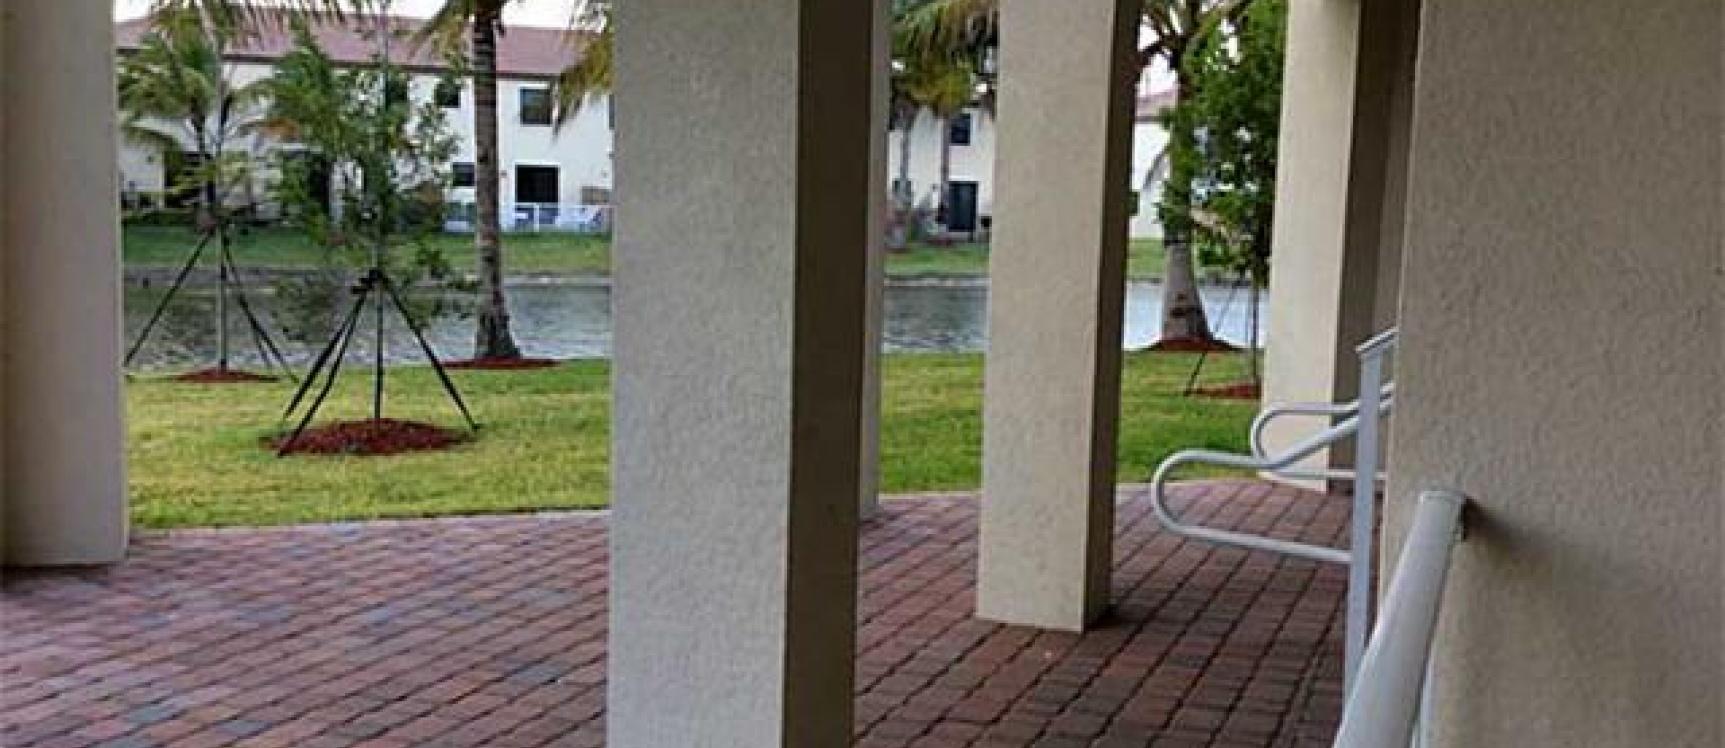 GeoBienes - Departamento #103 en St. Maarten DORAL-MIAMI - Plusvalia Guayaquil Casas de venta y alquiler Inmobiliaria Ecuador